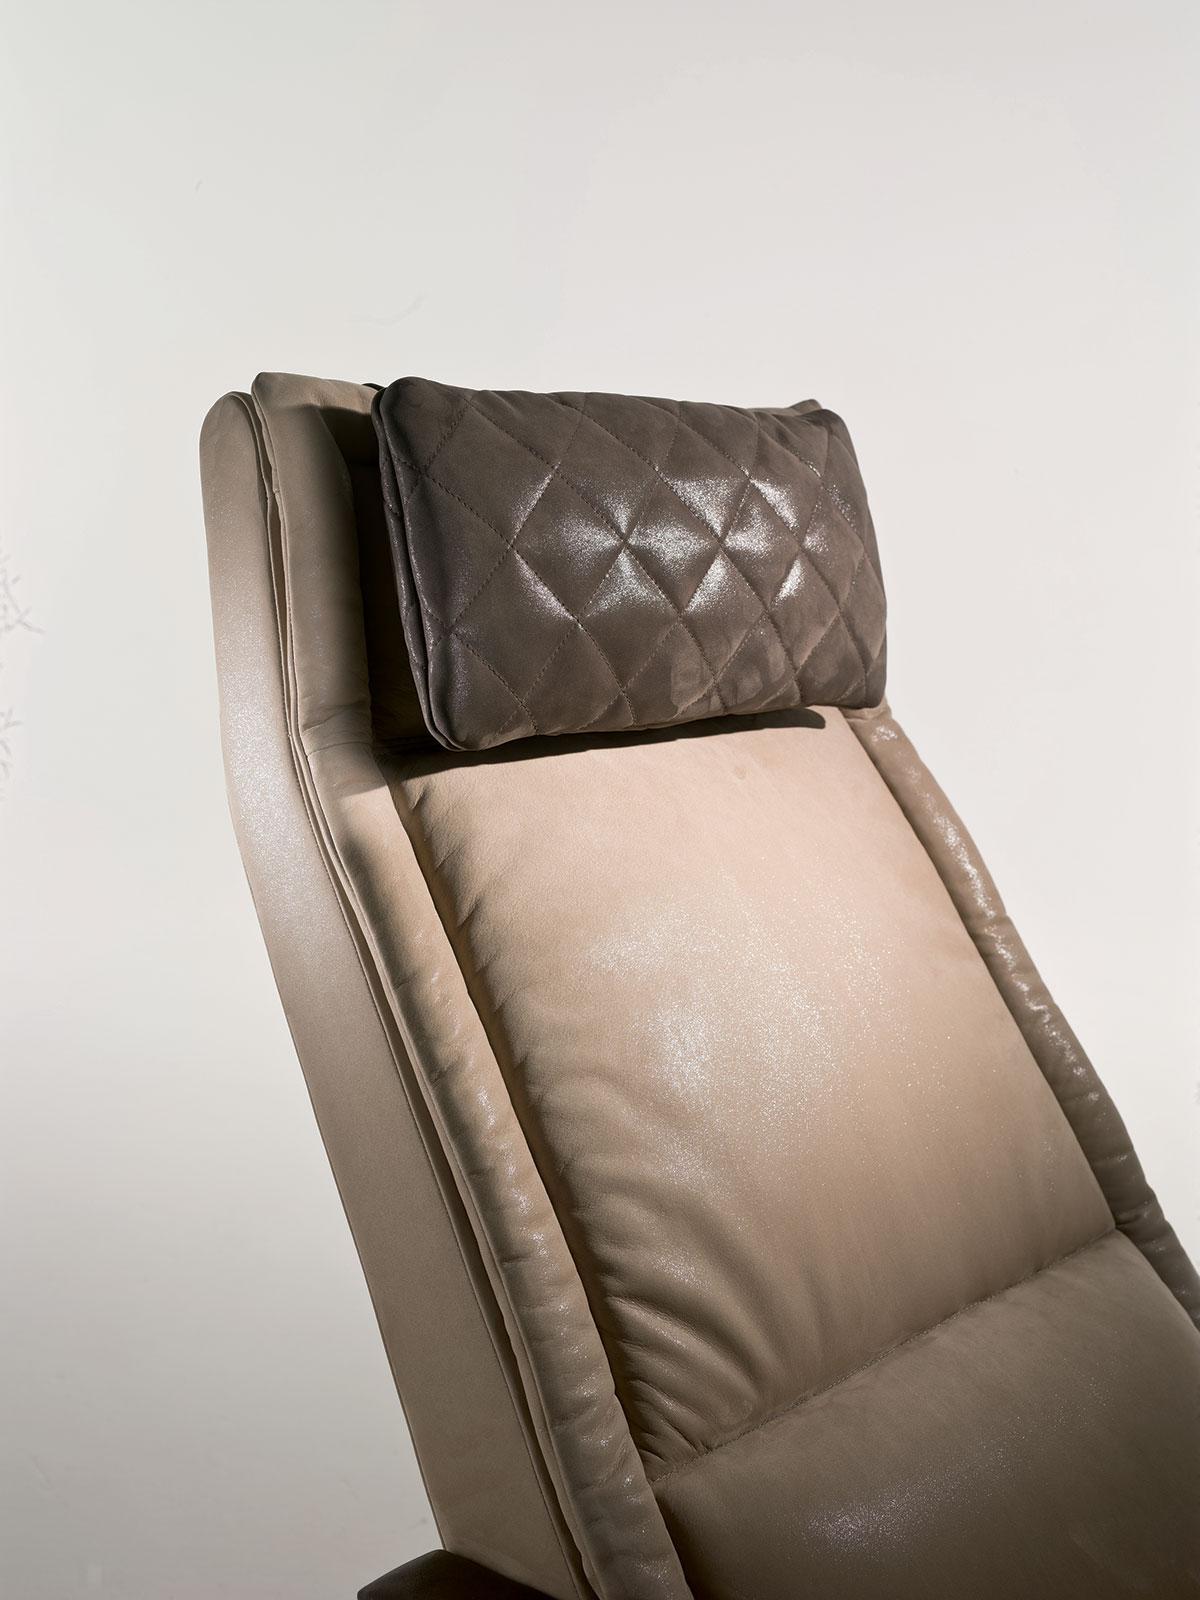 chaise longue Matteo Nunziati prezzi design moderno pelle cuoio made in italy arredamento casa ufficio on line moderno dlusso 2017 web